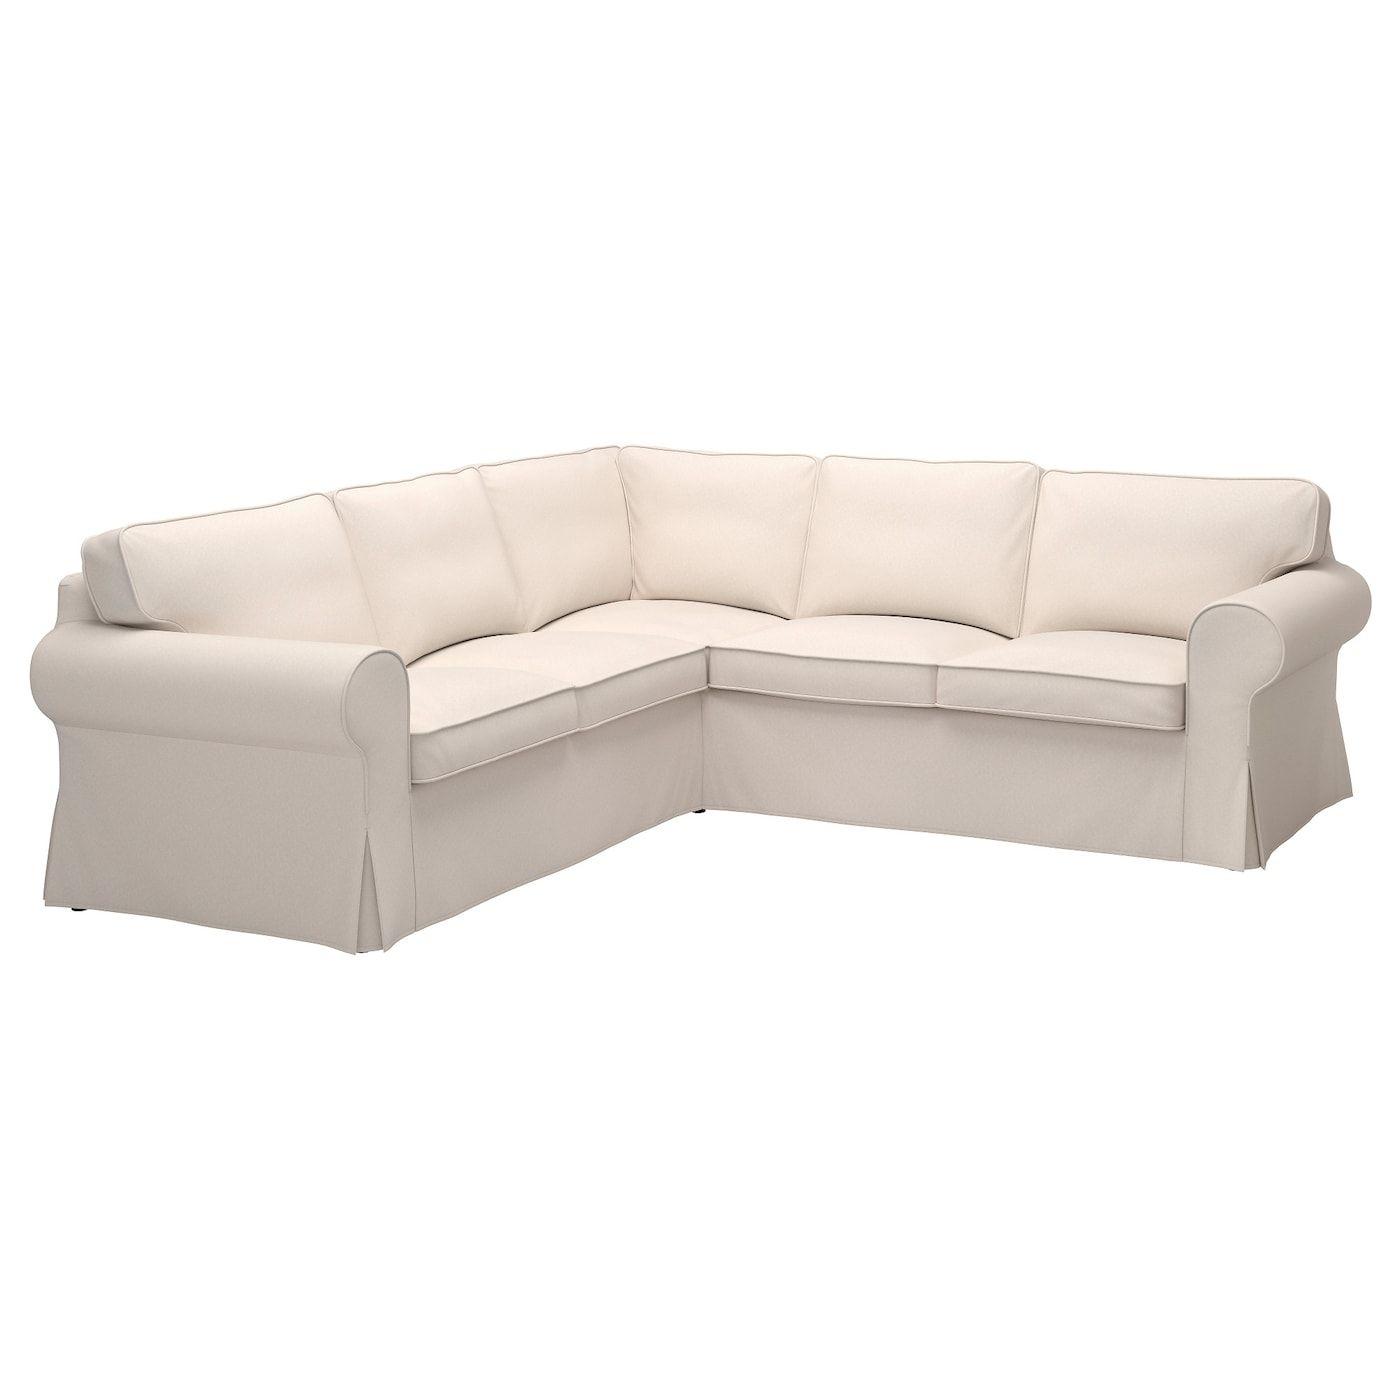 Ikea Ektorp Bezug Fur Ecksofa 4 Sitzig Lofallet Beige In 2020 Ektorp Sofa Ecksofas Ecksofa